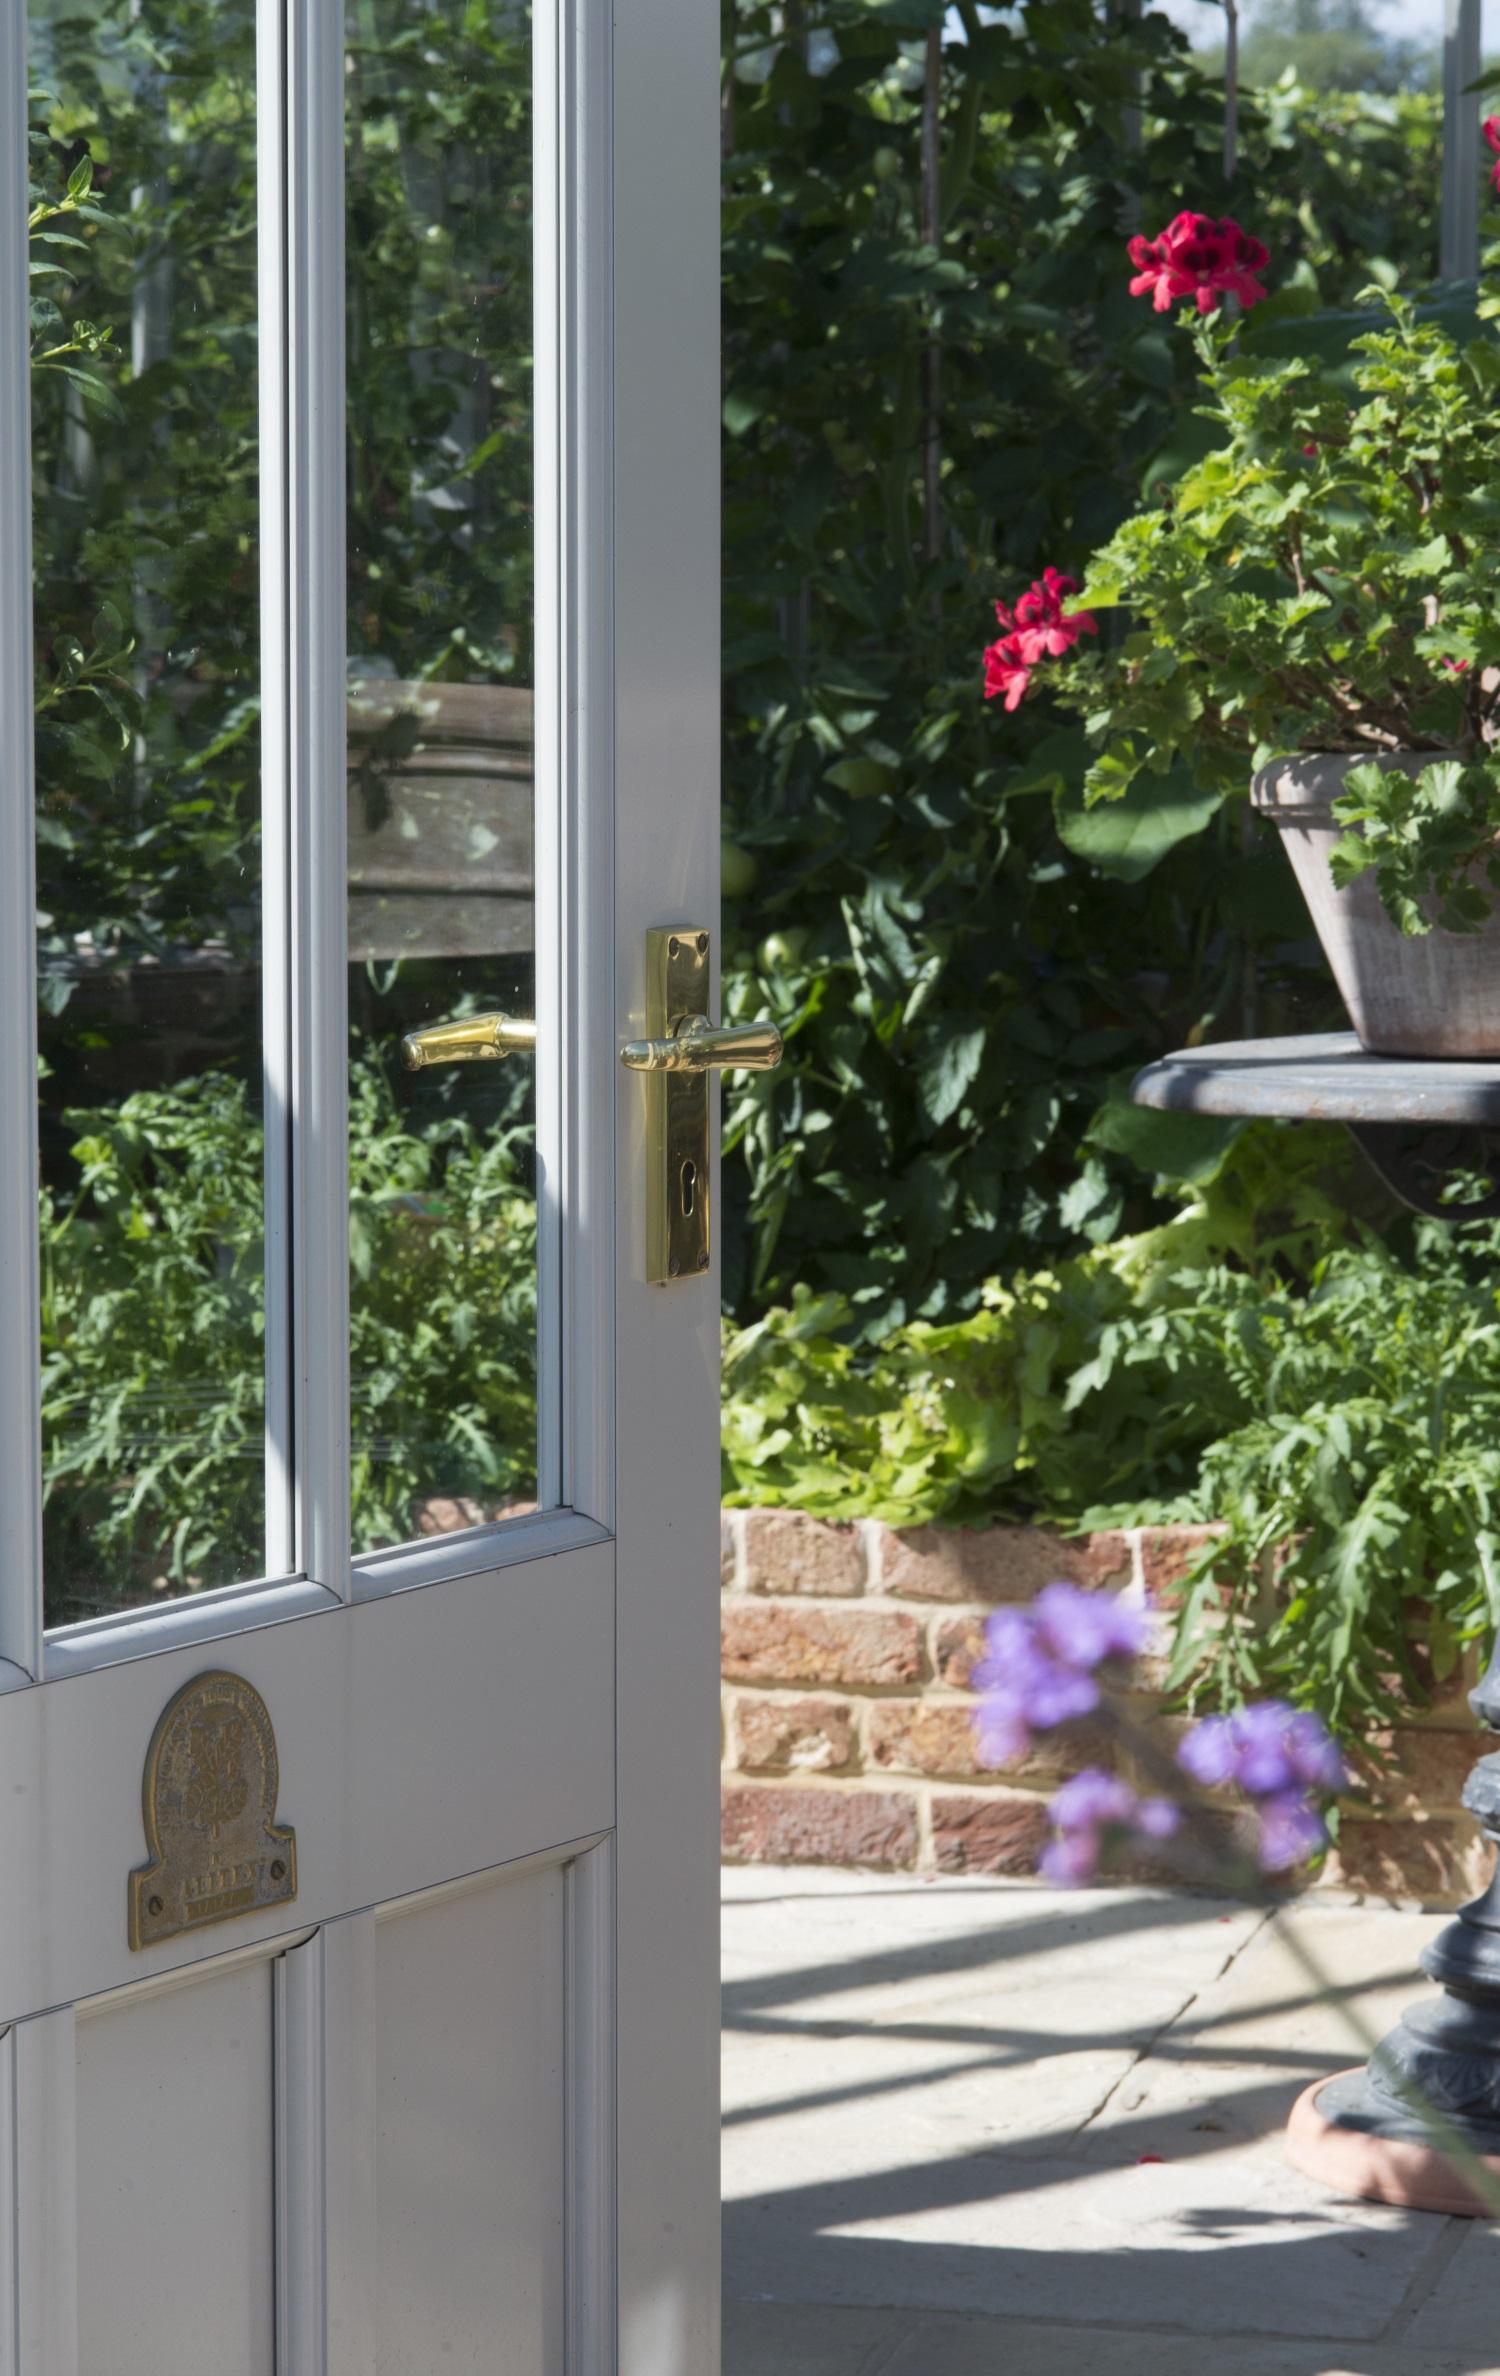 Willkommen! Jedes Gewächshaus hat seine eigene Nummer auf dem Türschild.